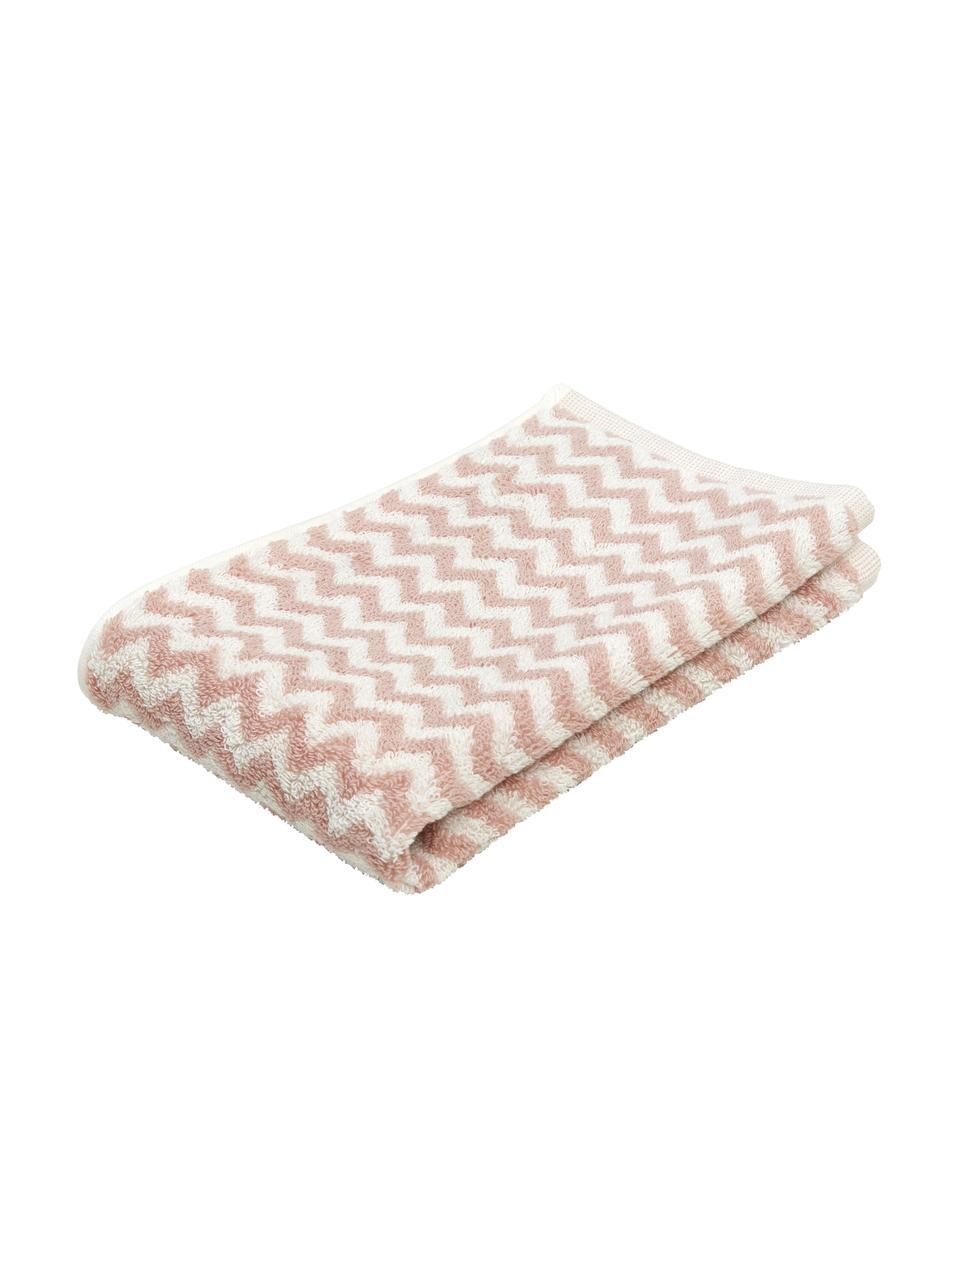 Serviette de toilette coton pur à imprimé zigzag Liv, Rose, blanc crème